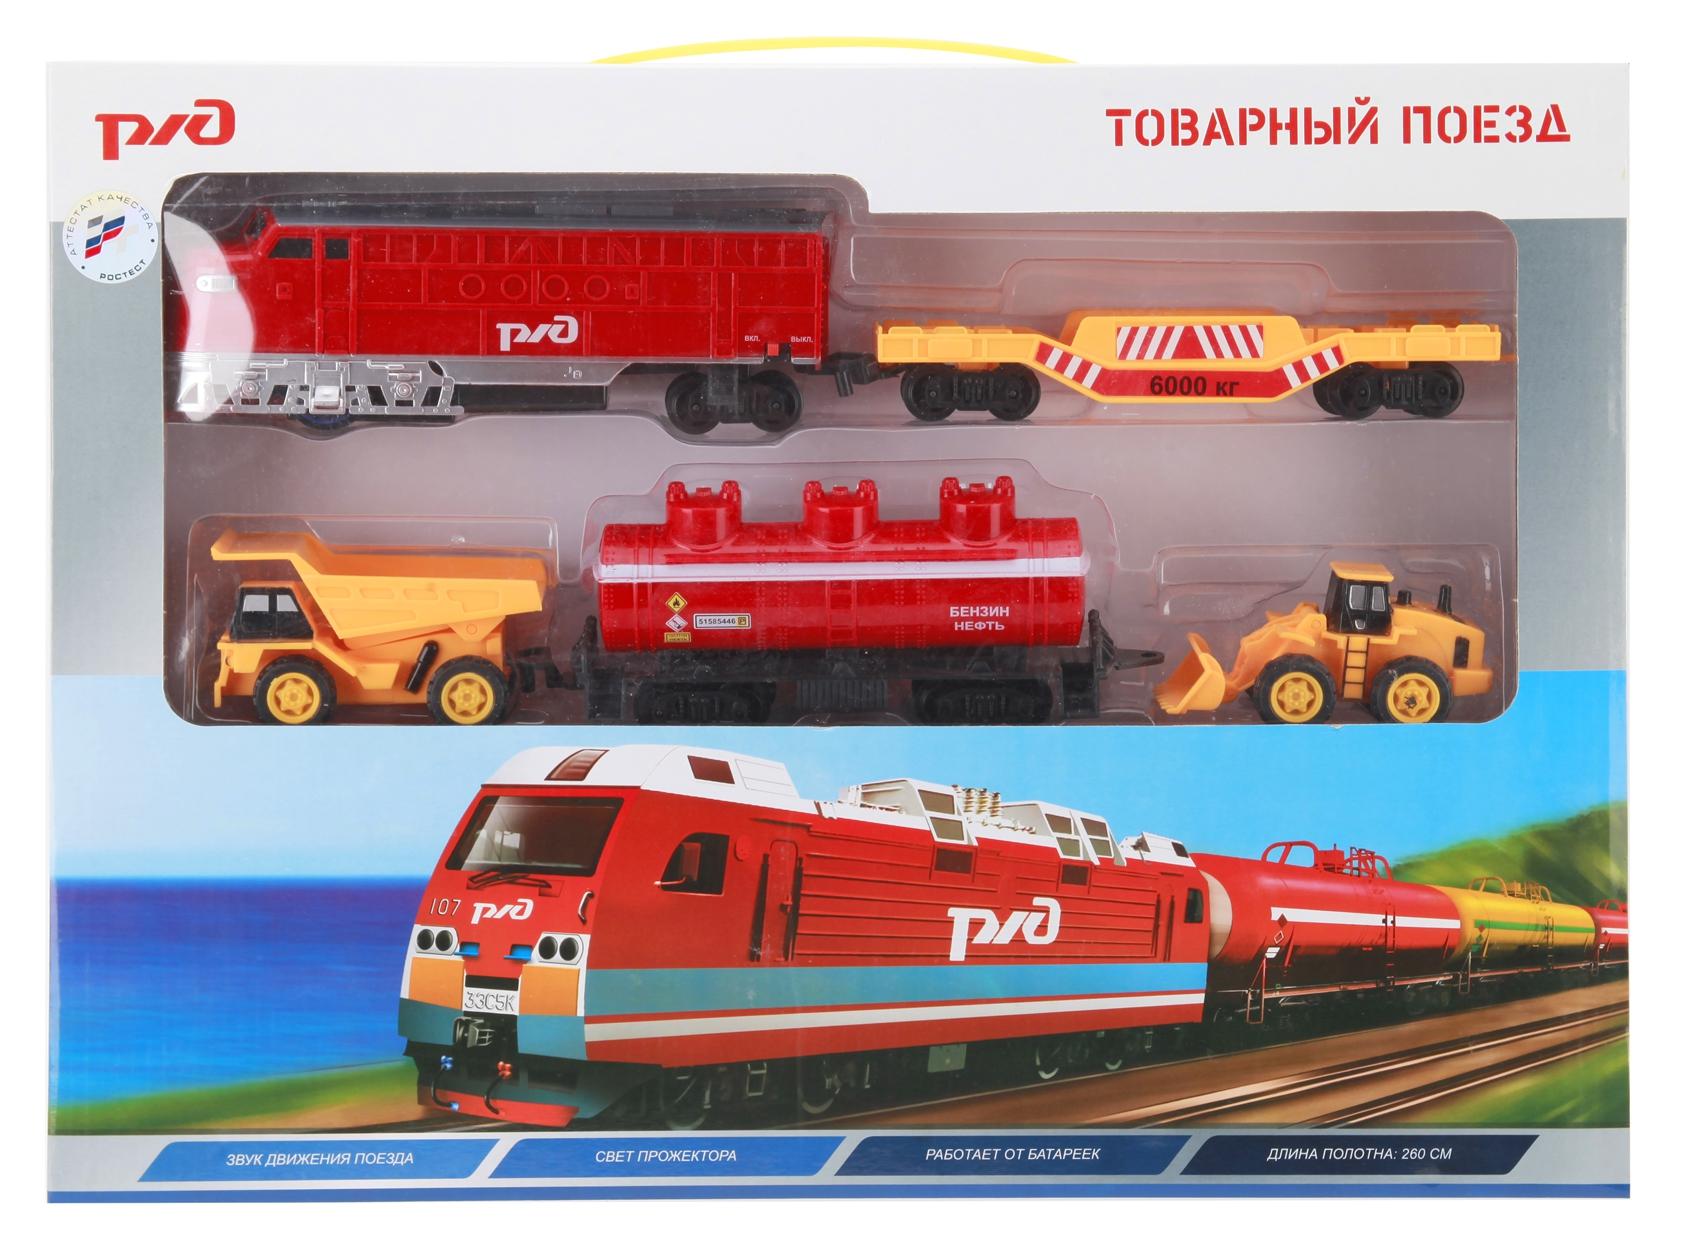 Железная дорога Играем вместе Товарный поезд РЖД конструктор товарный поезд